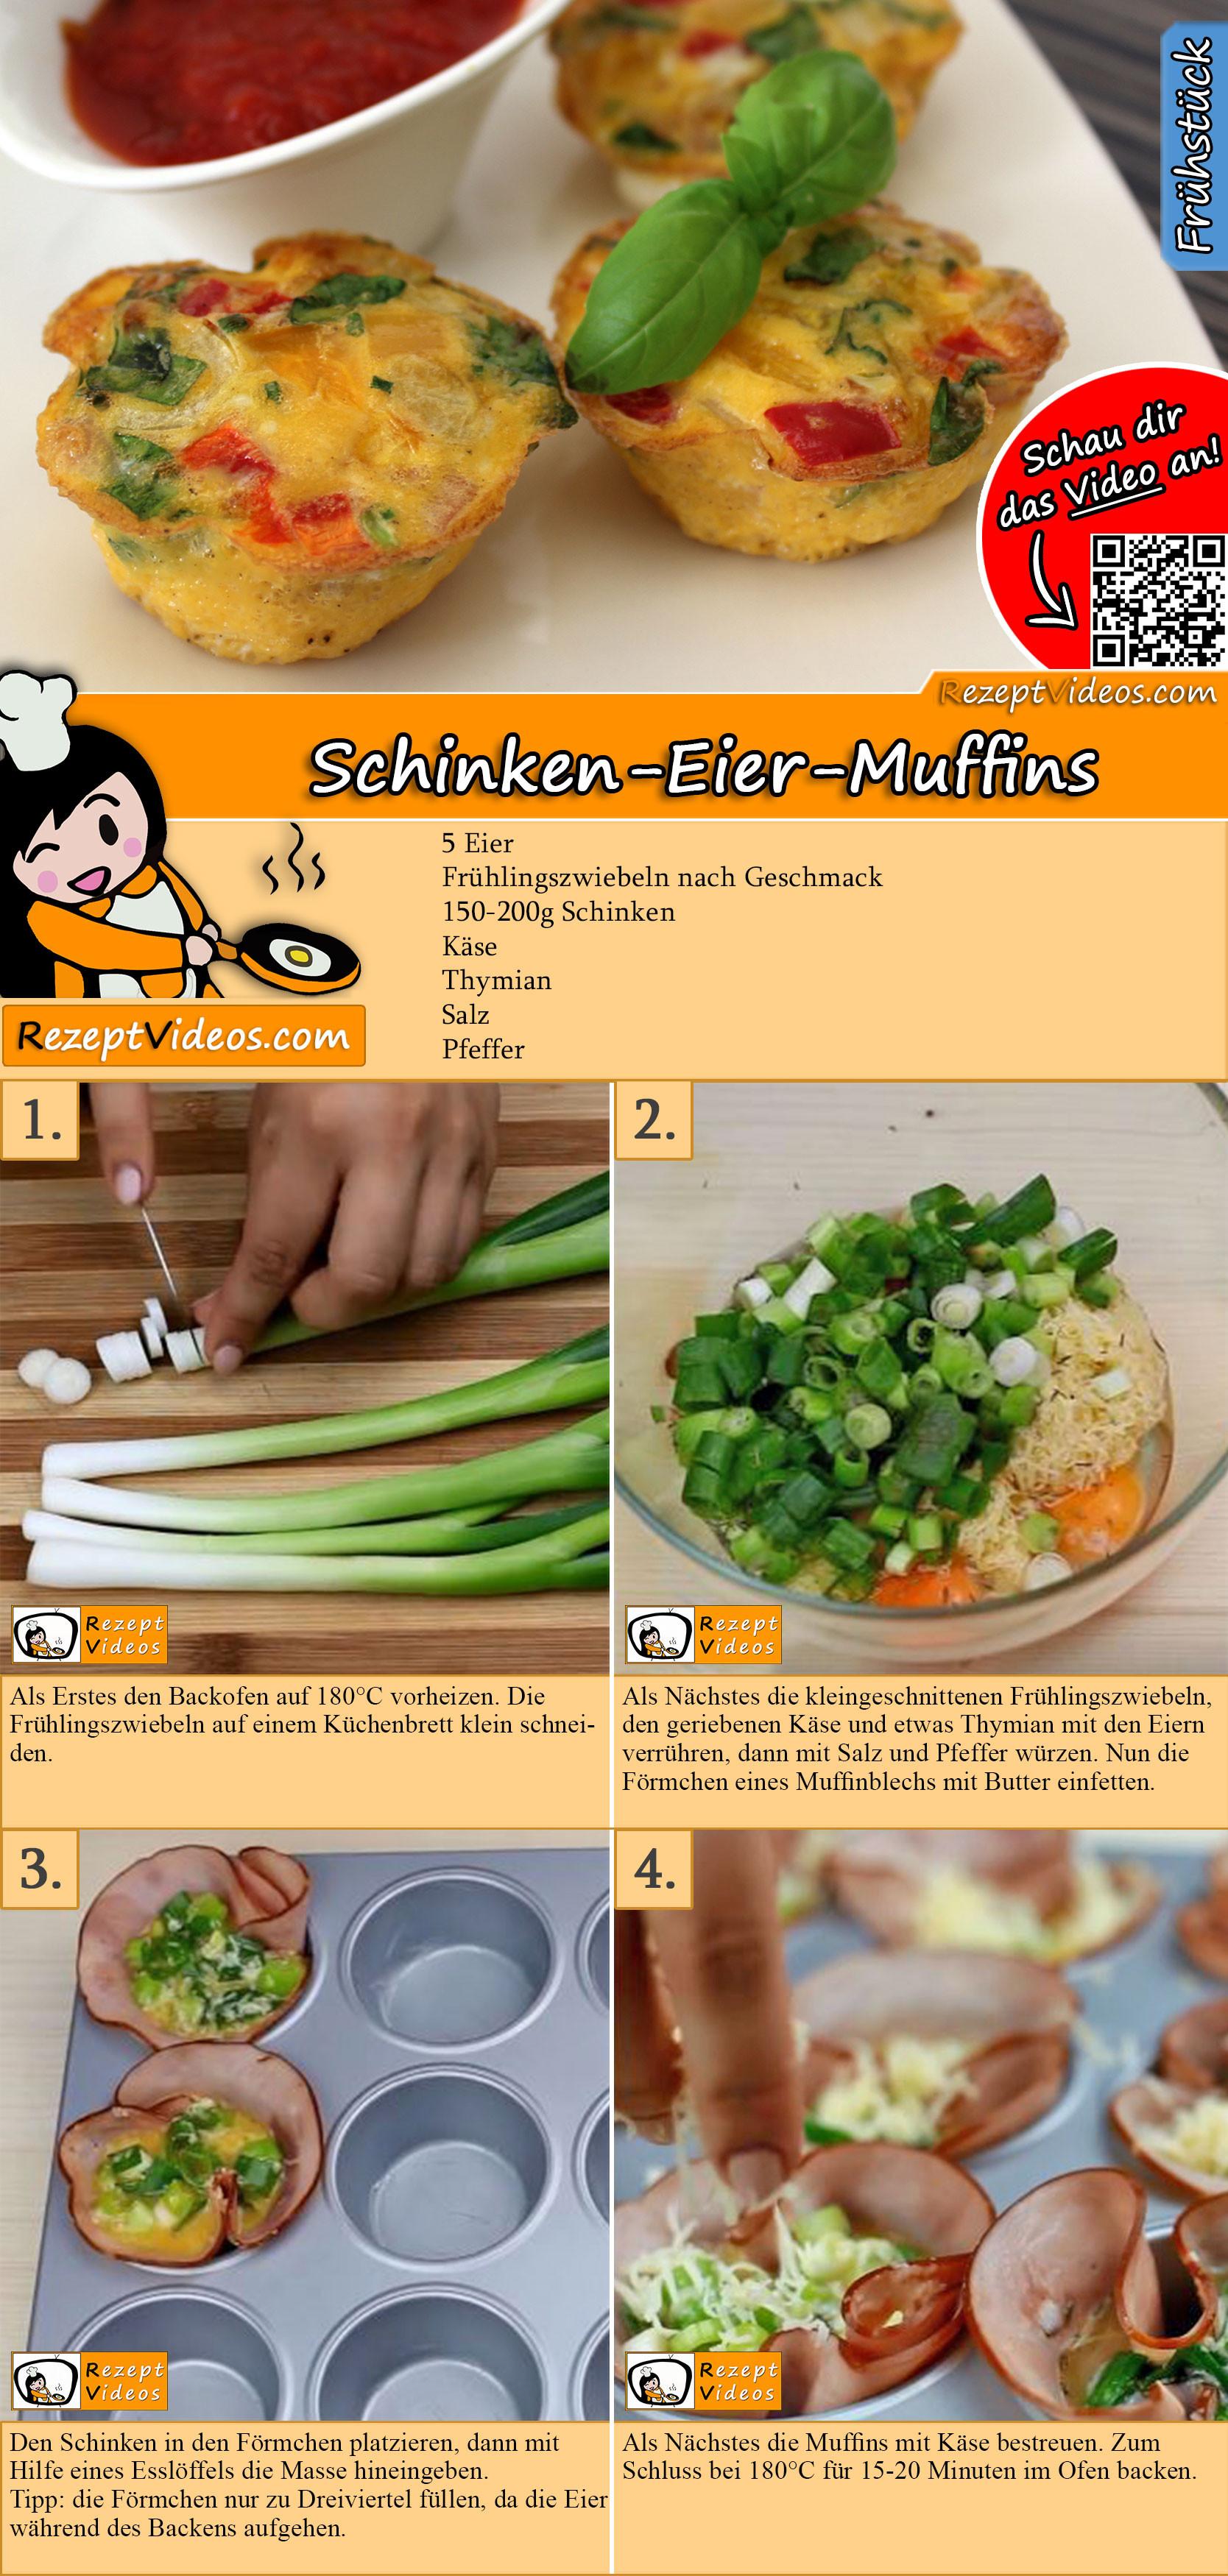 Schinken-Eier-Muffins Rezept mit Video